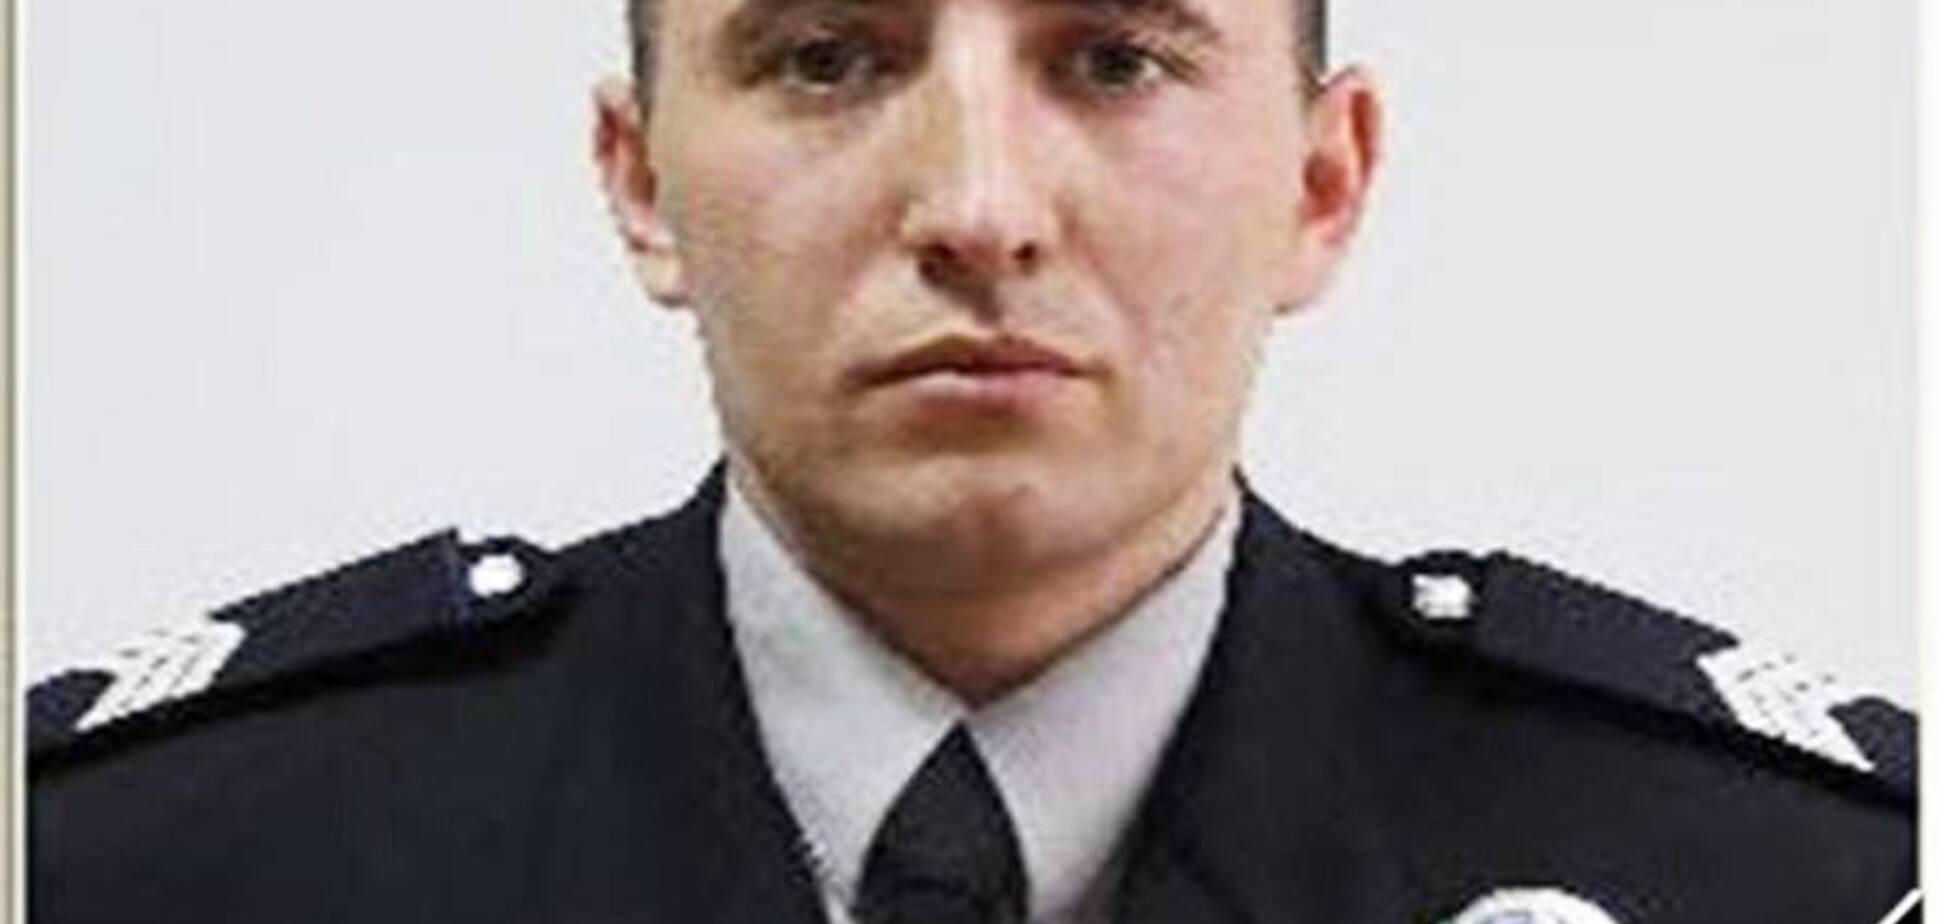 Закололи вилами: в Ривне жестоко убили полицейского. Опубликовано фото